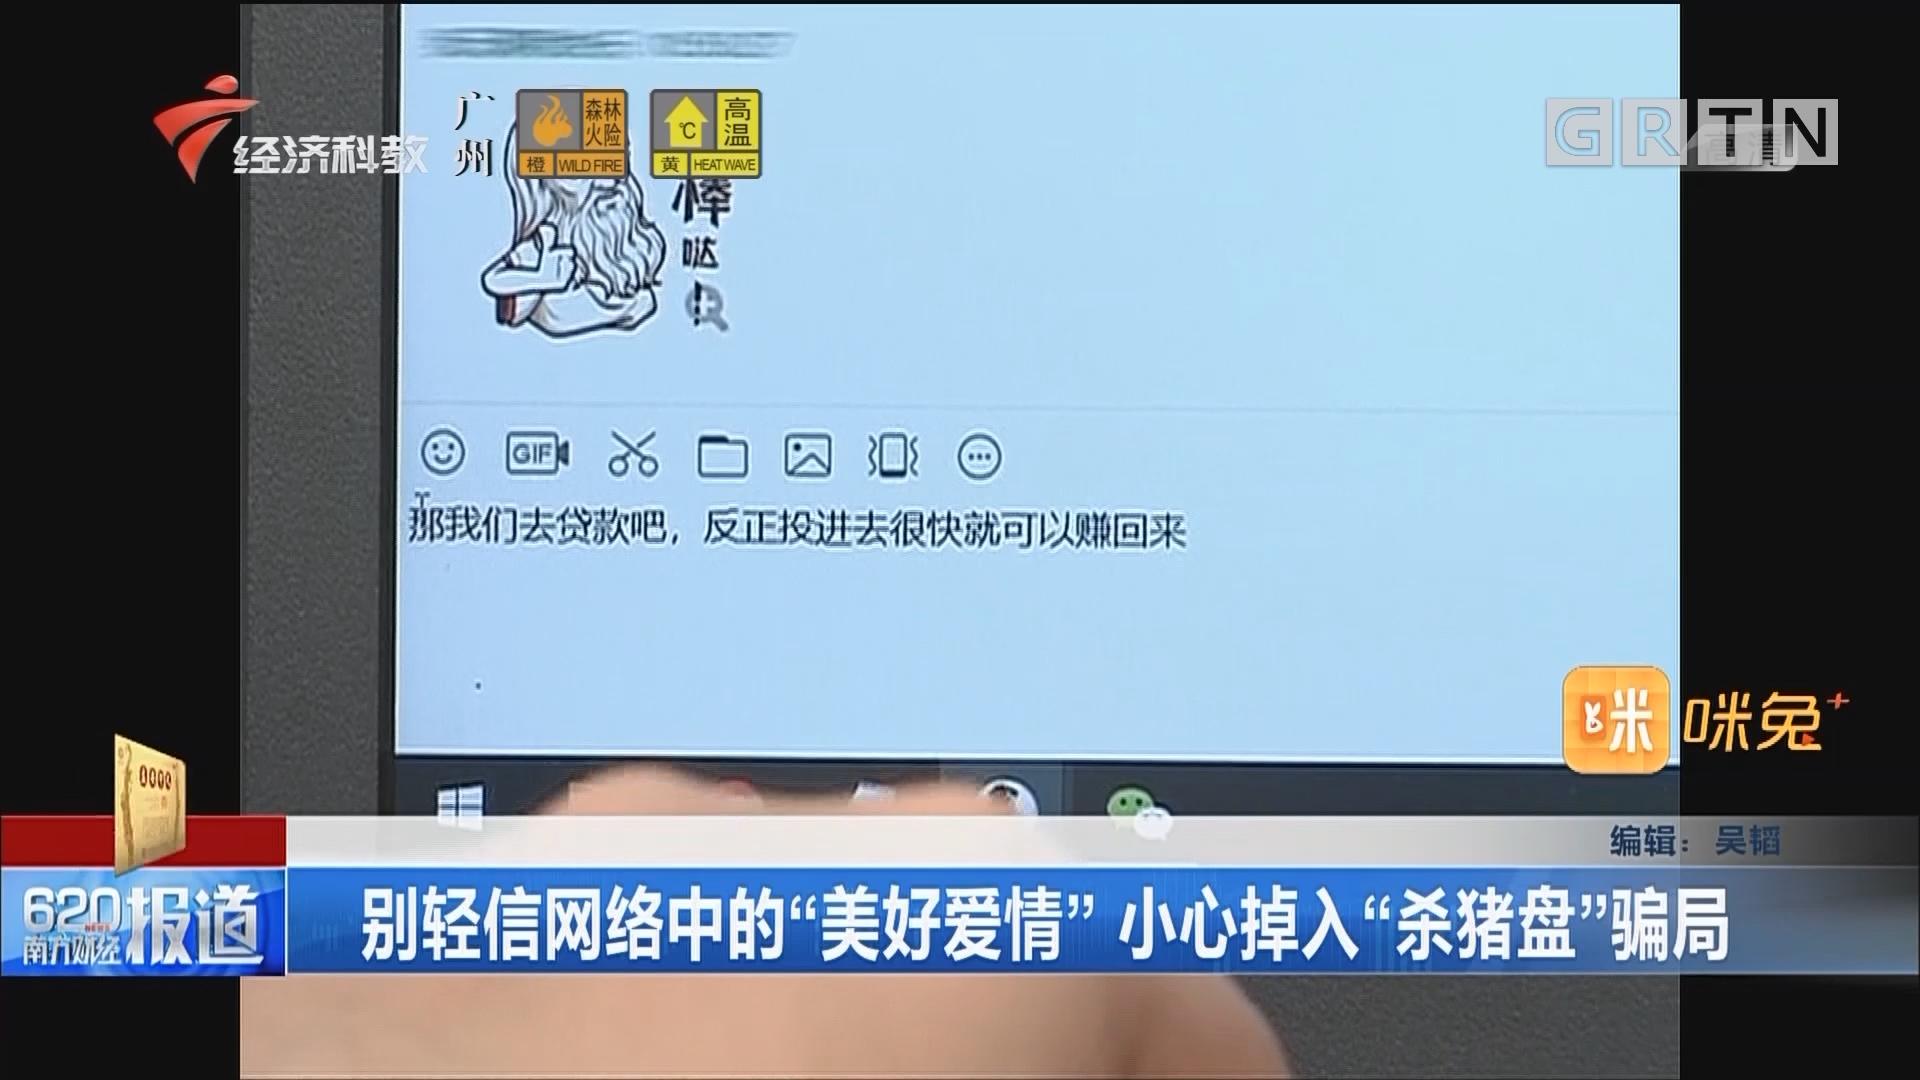 """別輕信網絡中的""""美好愛情"""" 小心掉入""""殺豬盤""""騙局"""